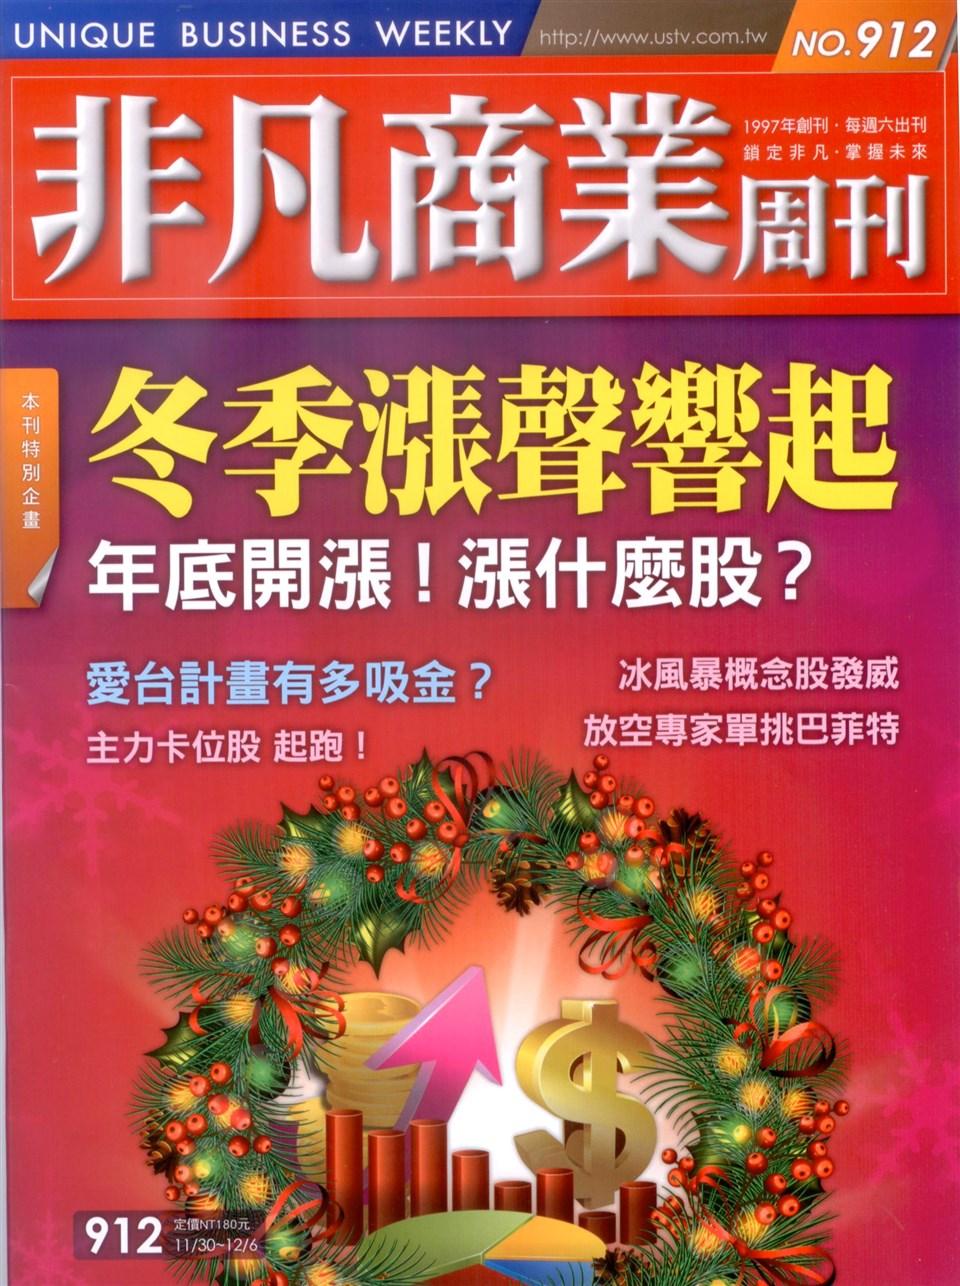 非凡商業週刊【台股另類觀察】 (912期)              陶文